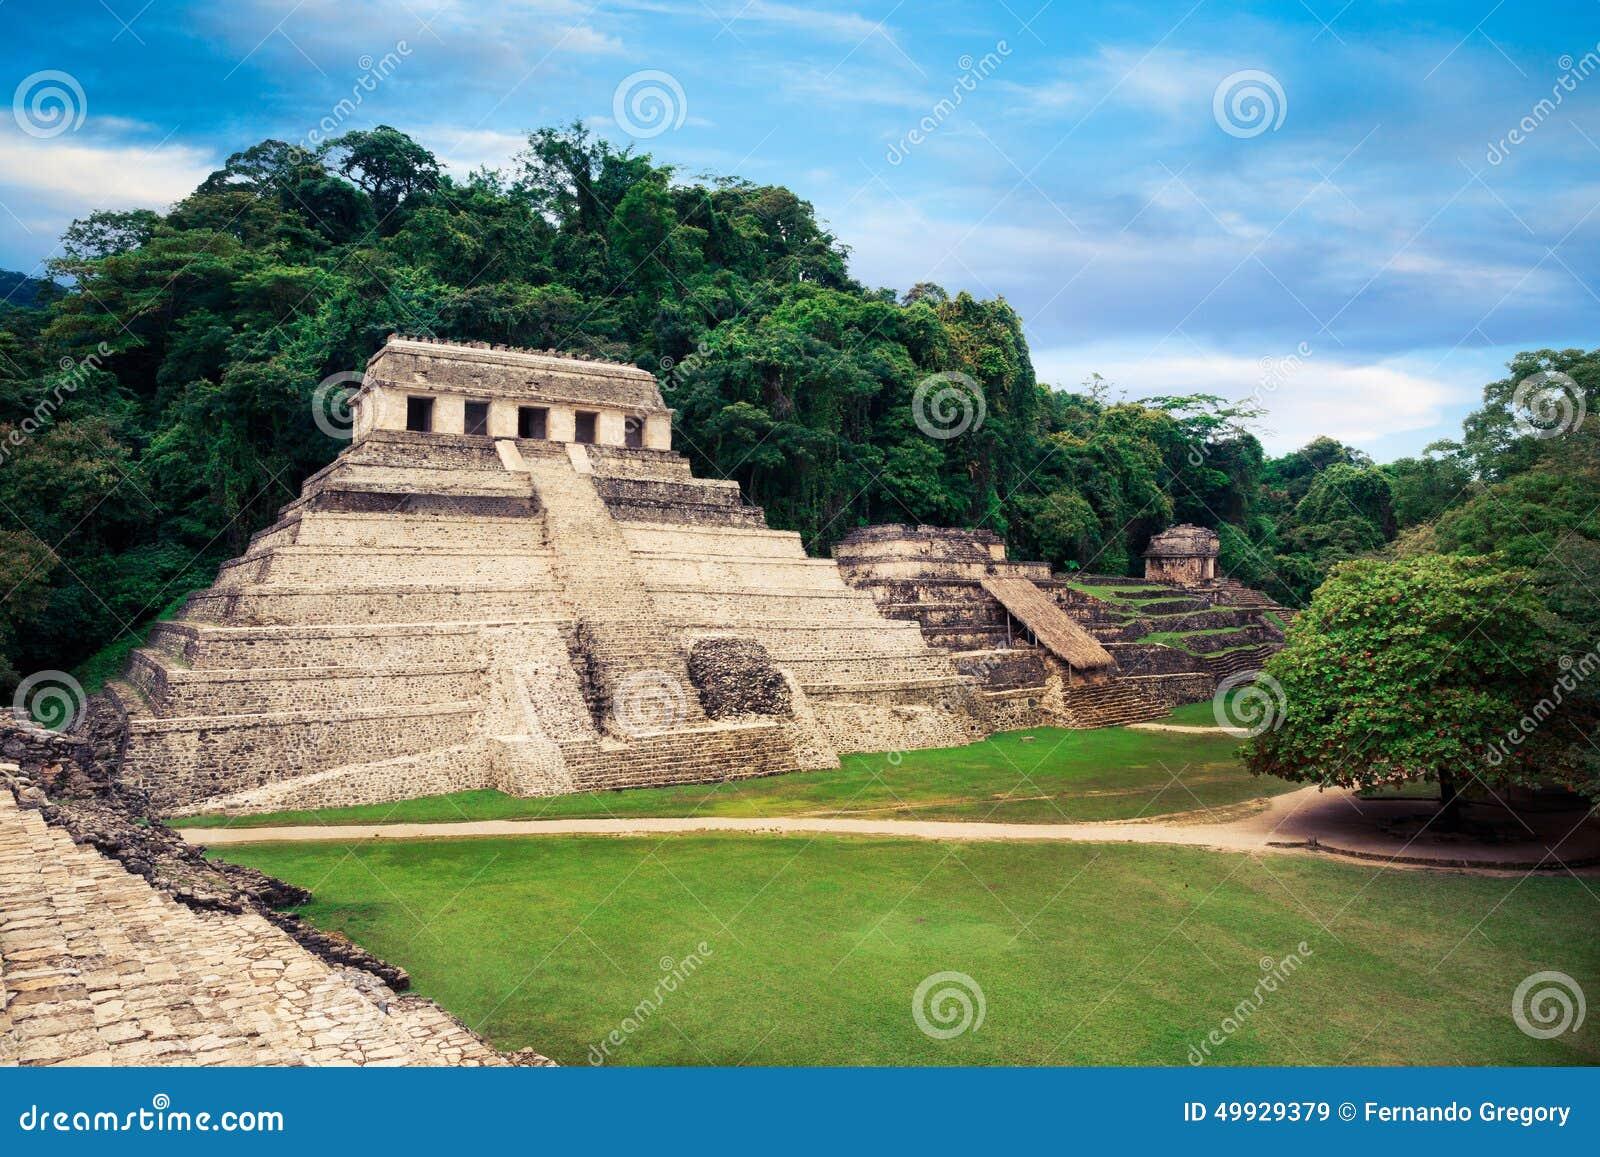 De toren van de Paleisobservatie in Palenque, Maya stad in Chiapas, Mexico